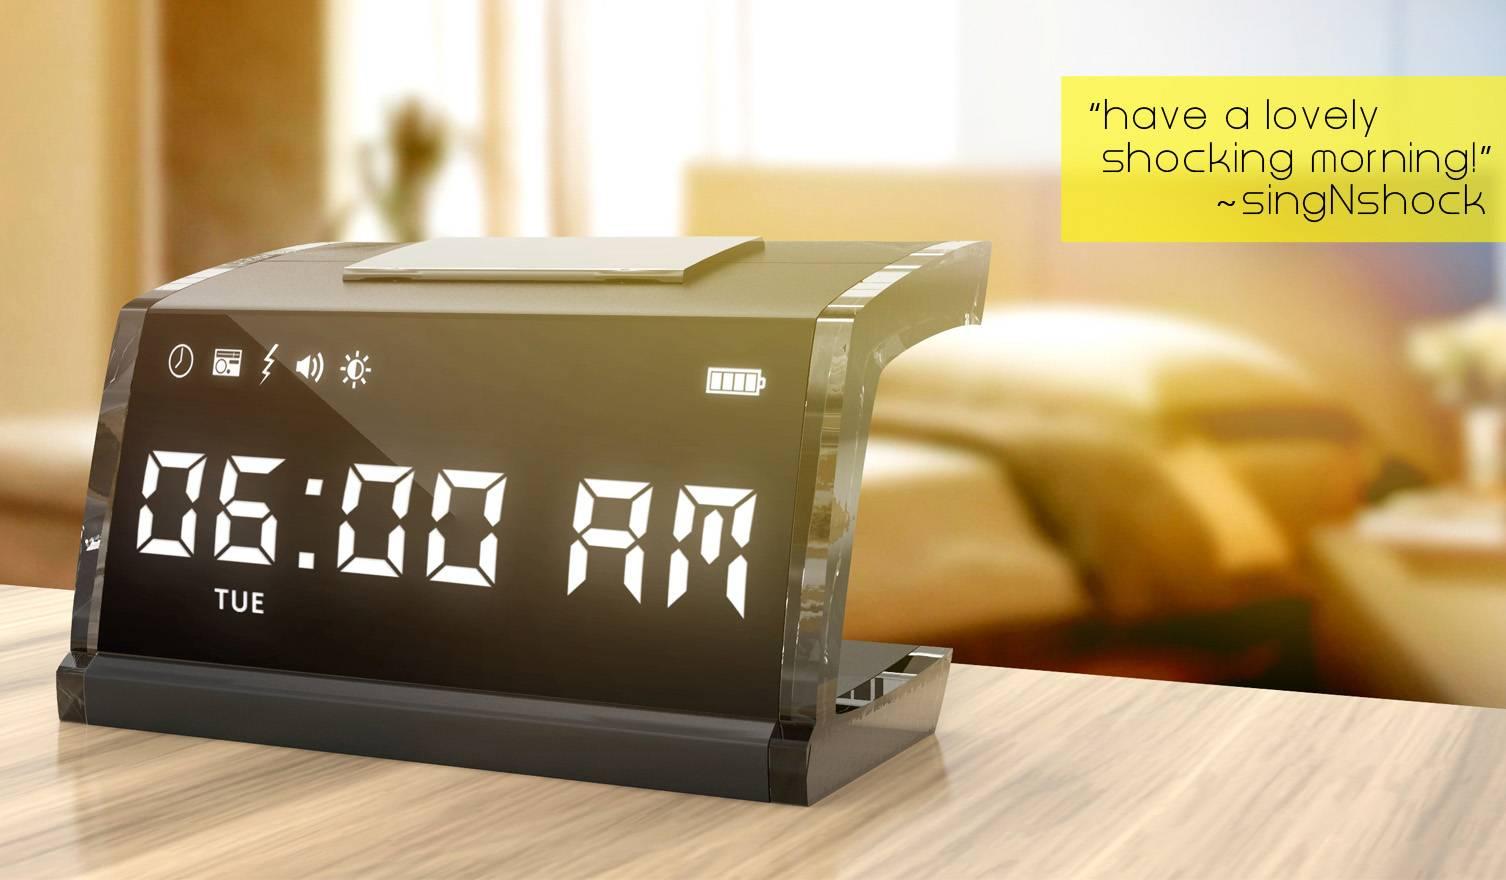 Lorsque vous appuyerez sur votre réveil, une mini décharge électrique vous poussera hors de votre lit